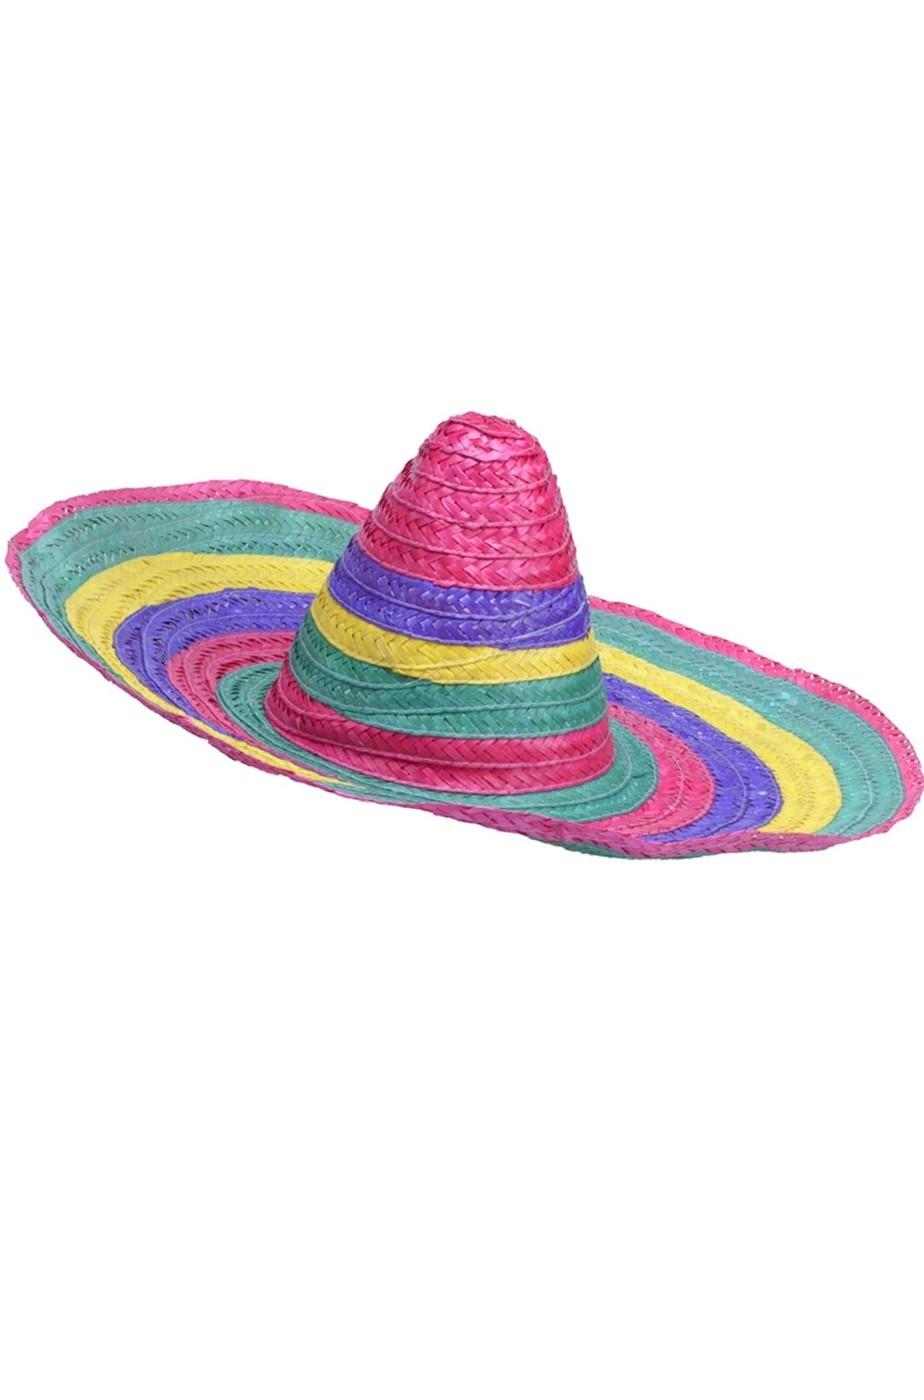 Sombrero Messicano da adulto largo circa 55cm in paglia colorata 26aae468f167